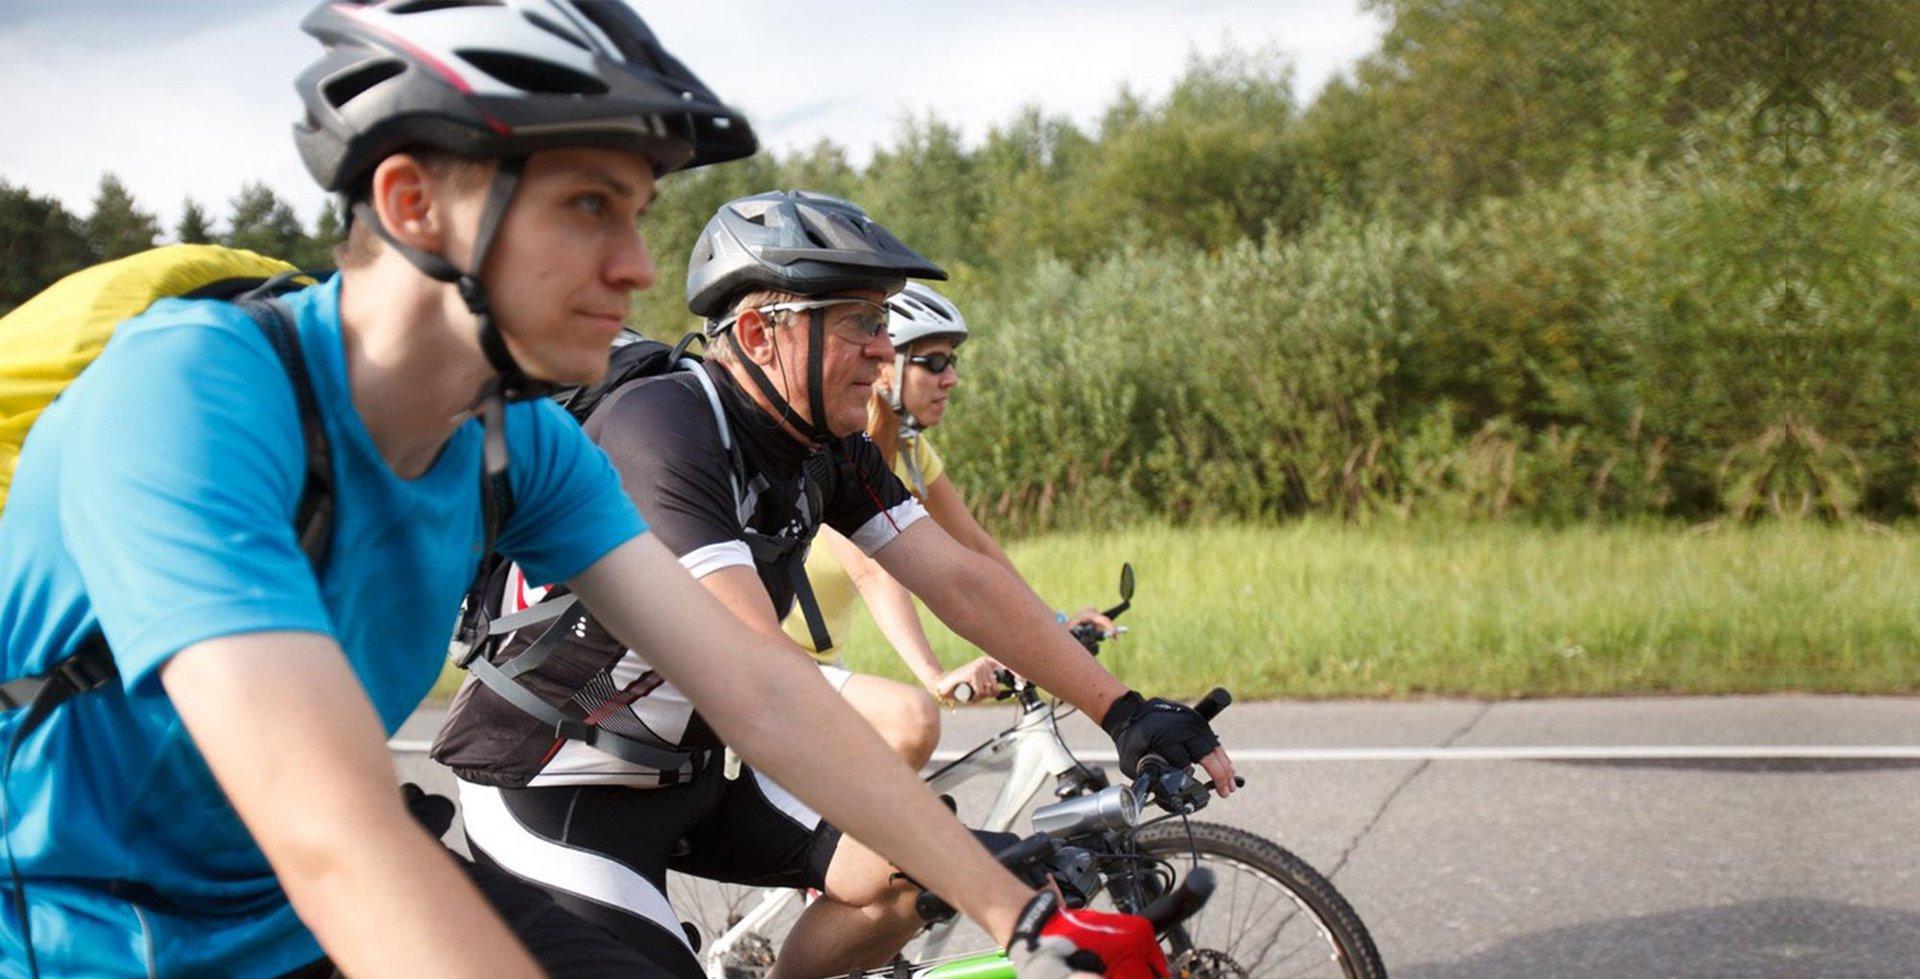 Bike sport event